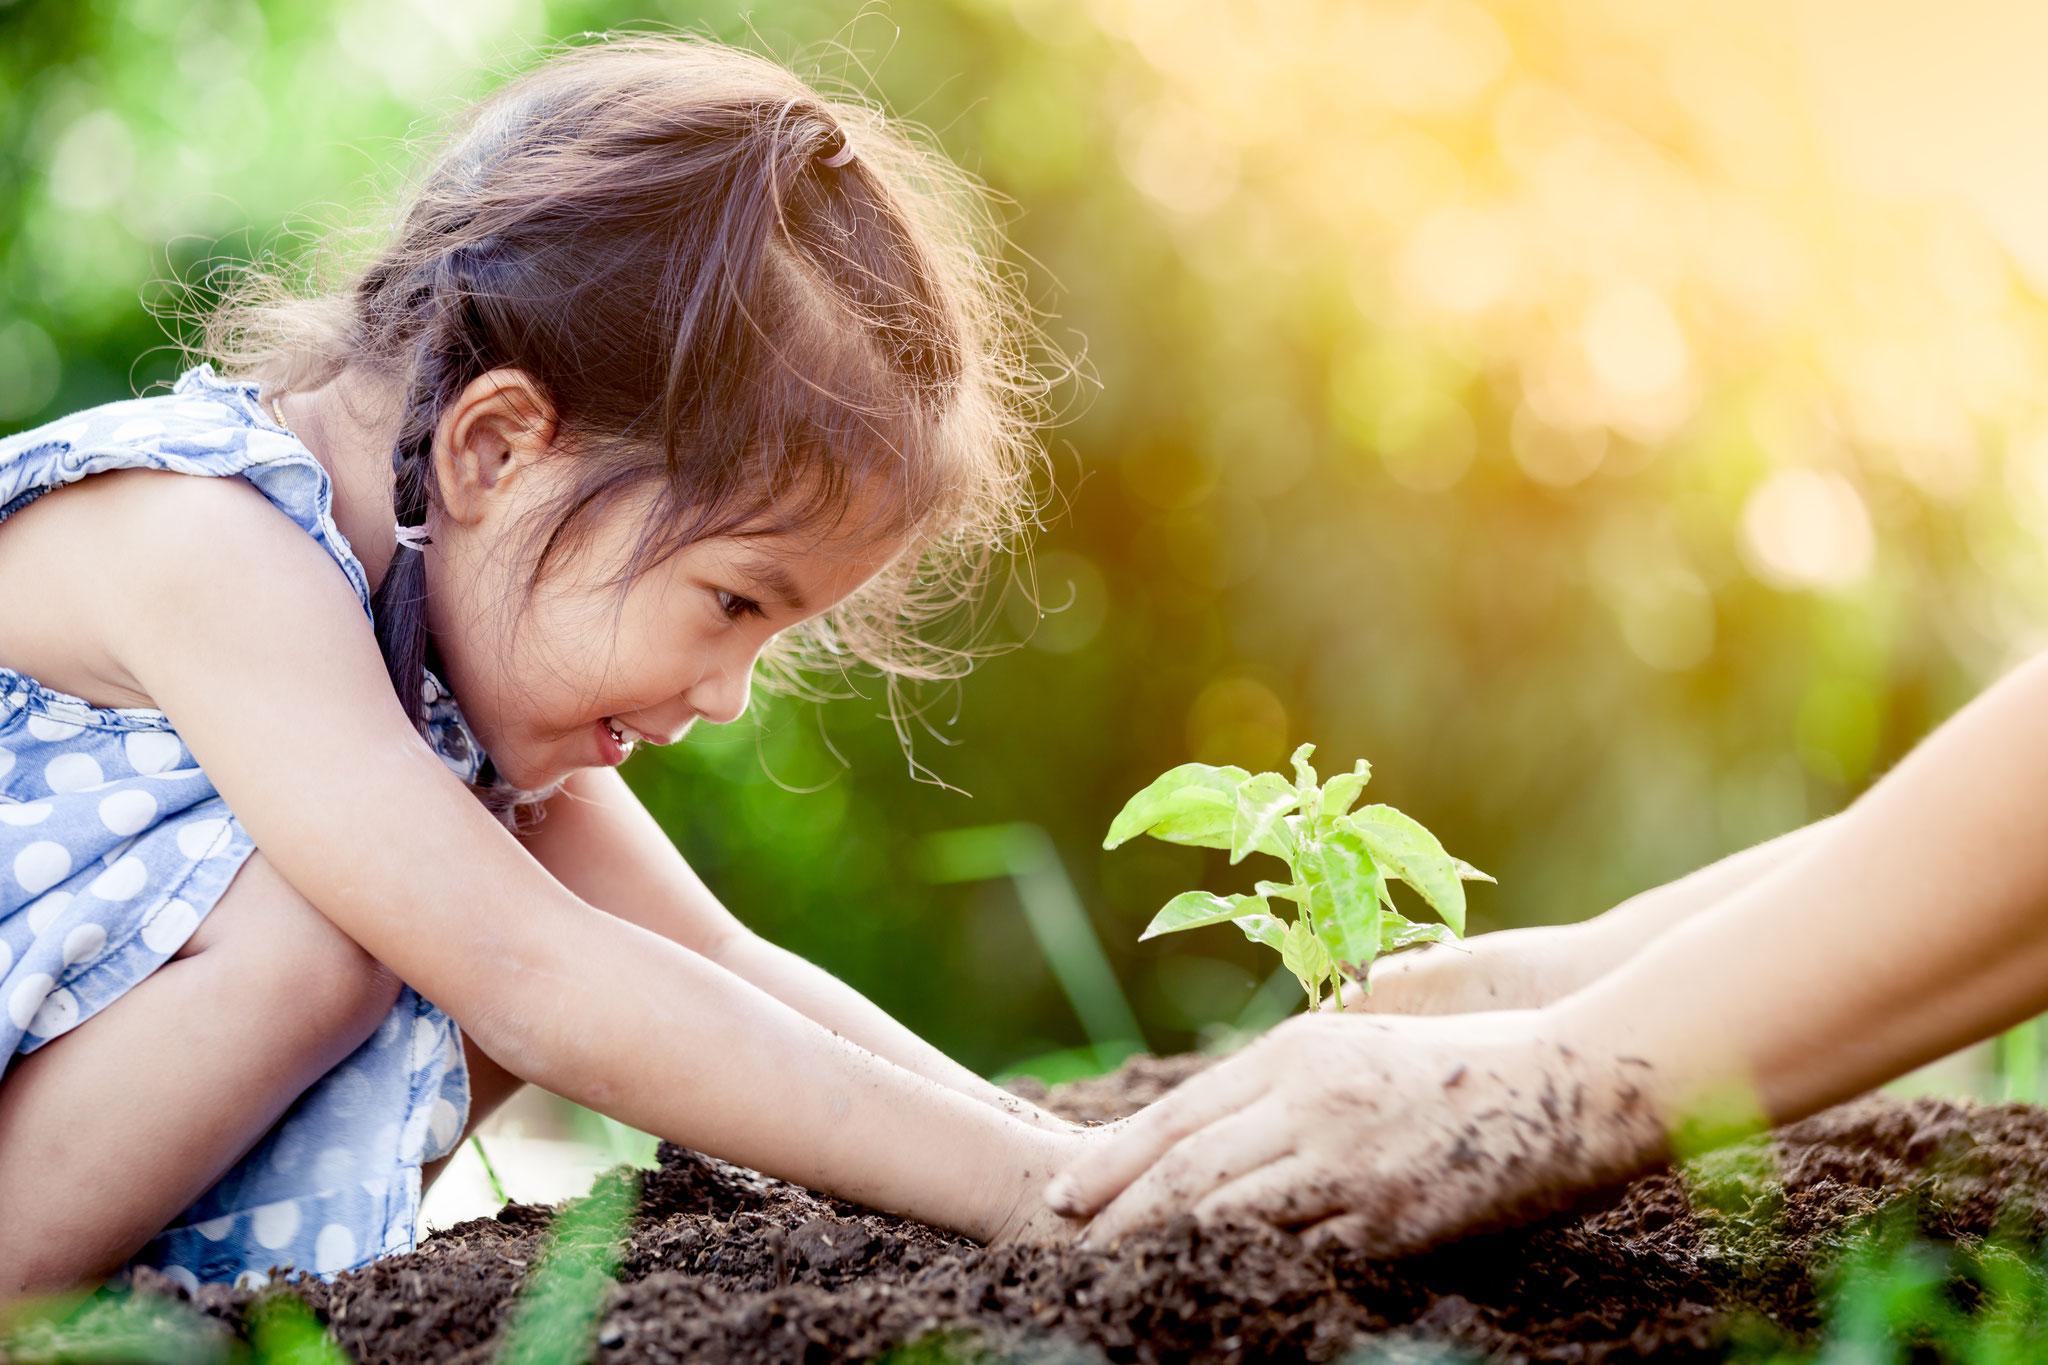 """Tipp 7: Sa, 19.10., 13-18 Uhr: """"Mein Alltag – unser Klima"""" – offenes Angebot für Familien im Umweltbildungszentrum Kienbergpark © Adobe Stock"""